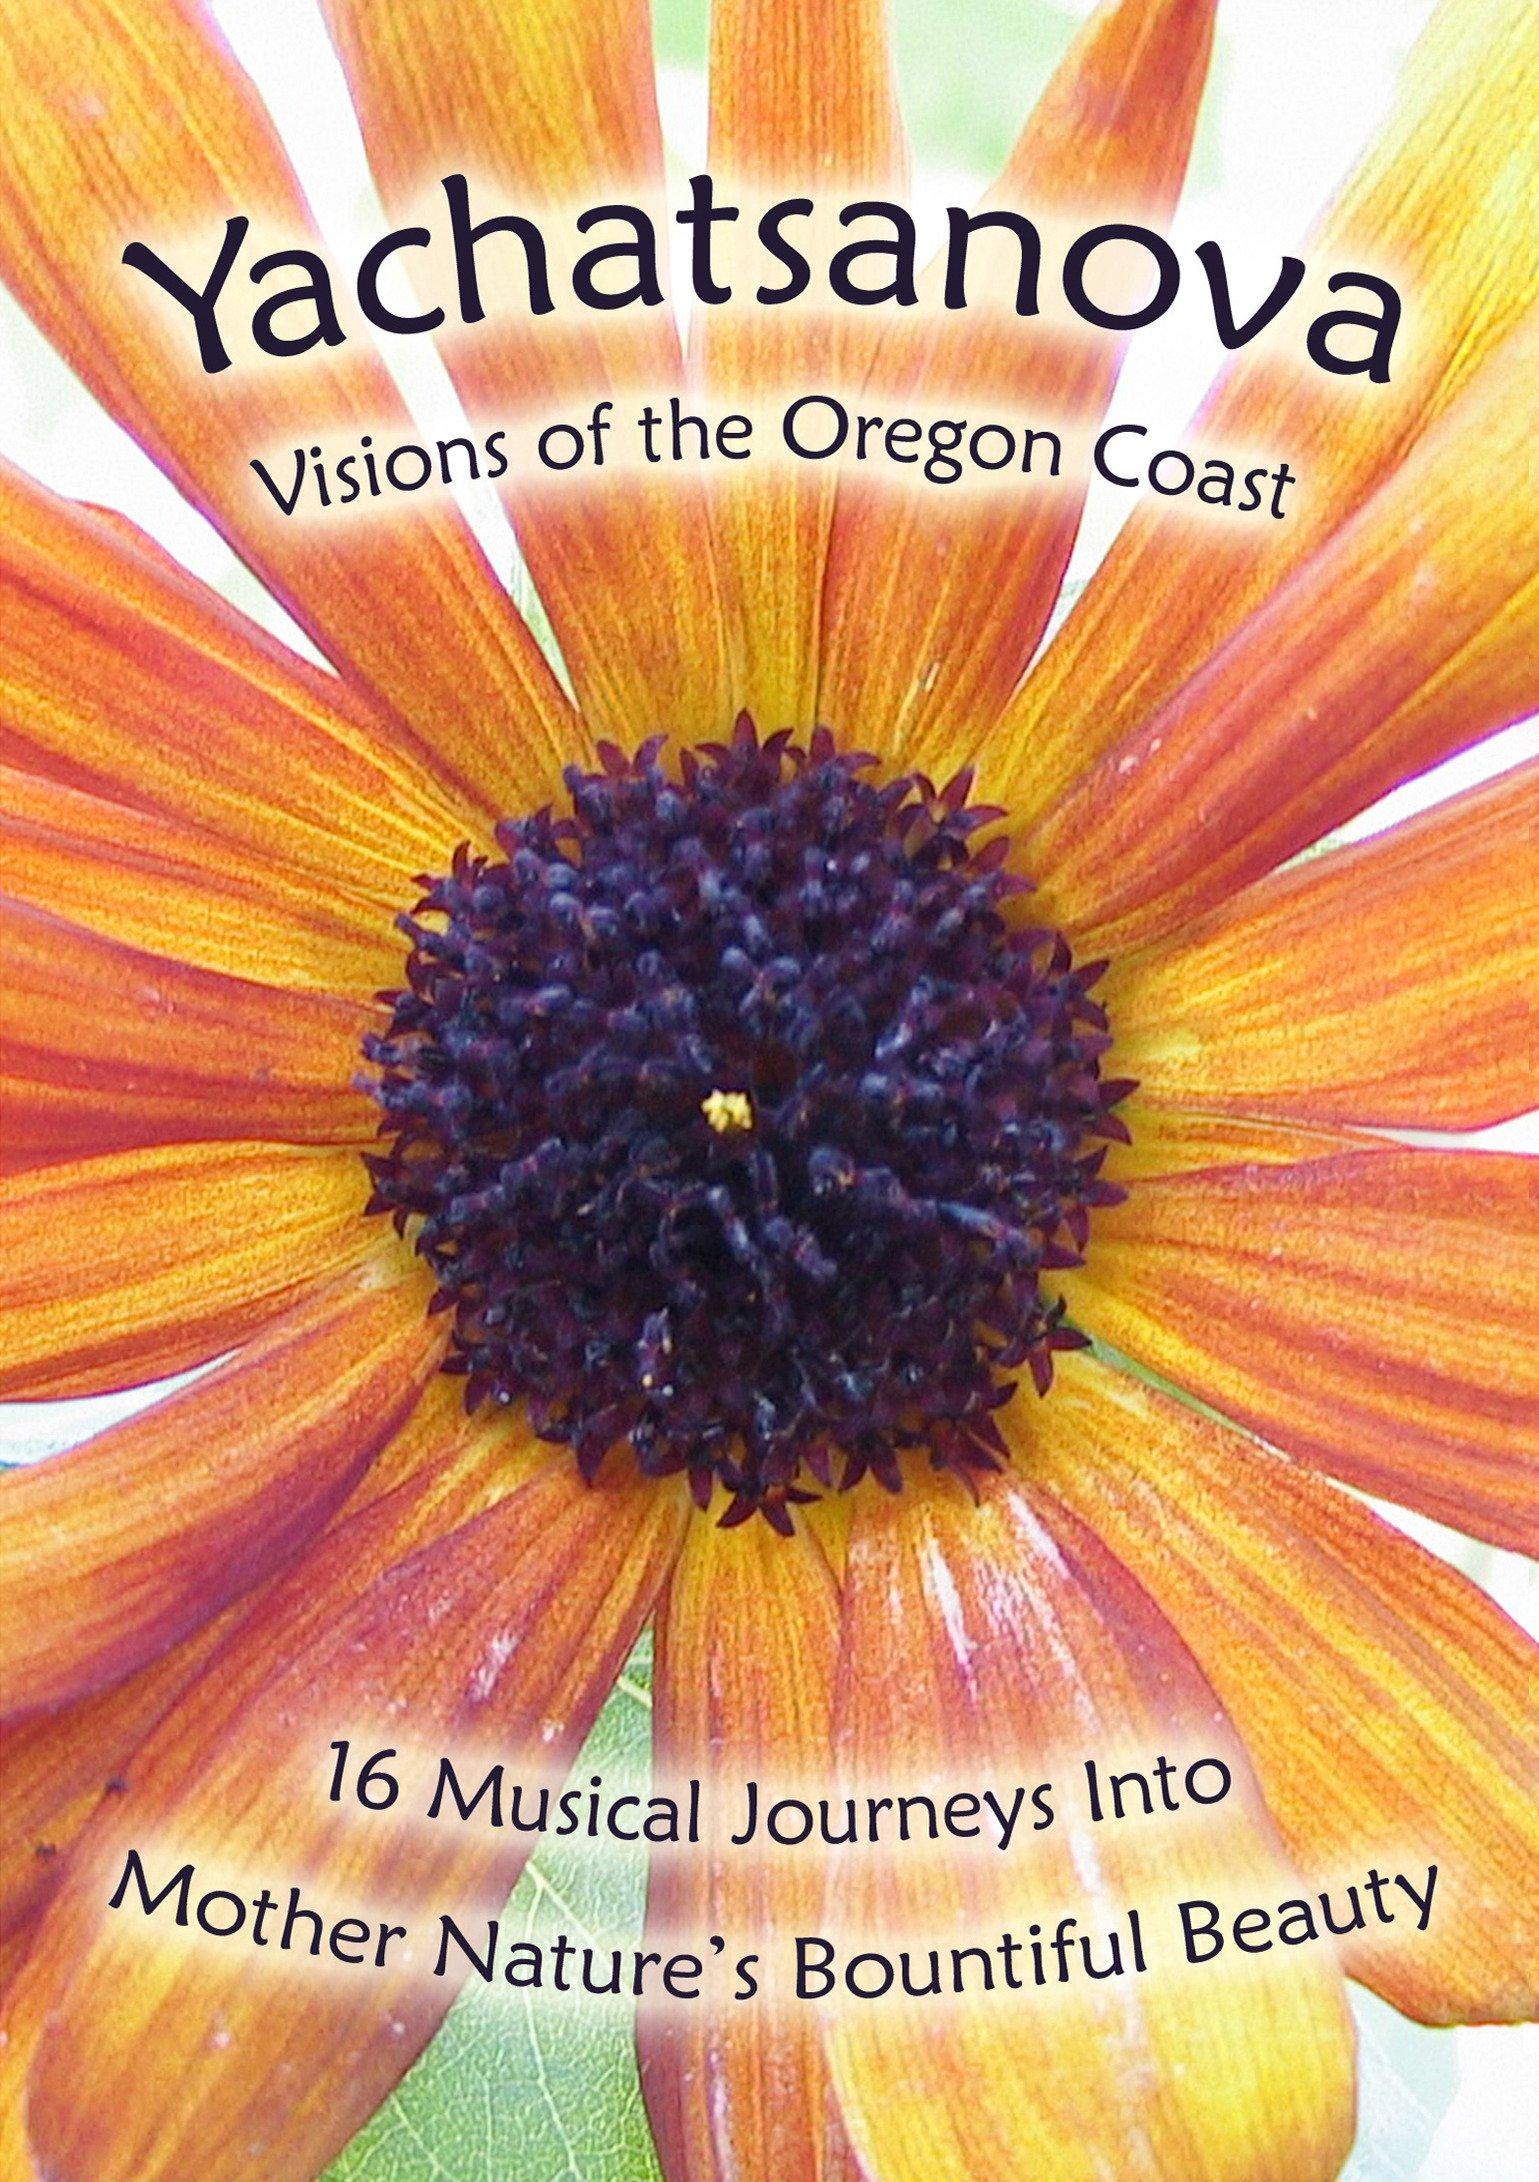 Yachatsanova - Visions of the Oregon Coast